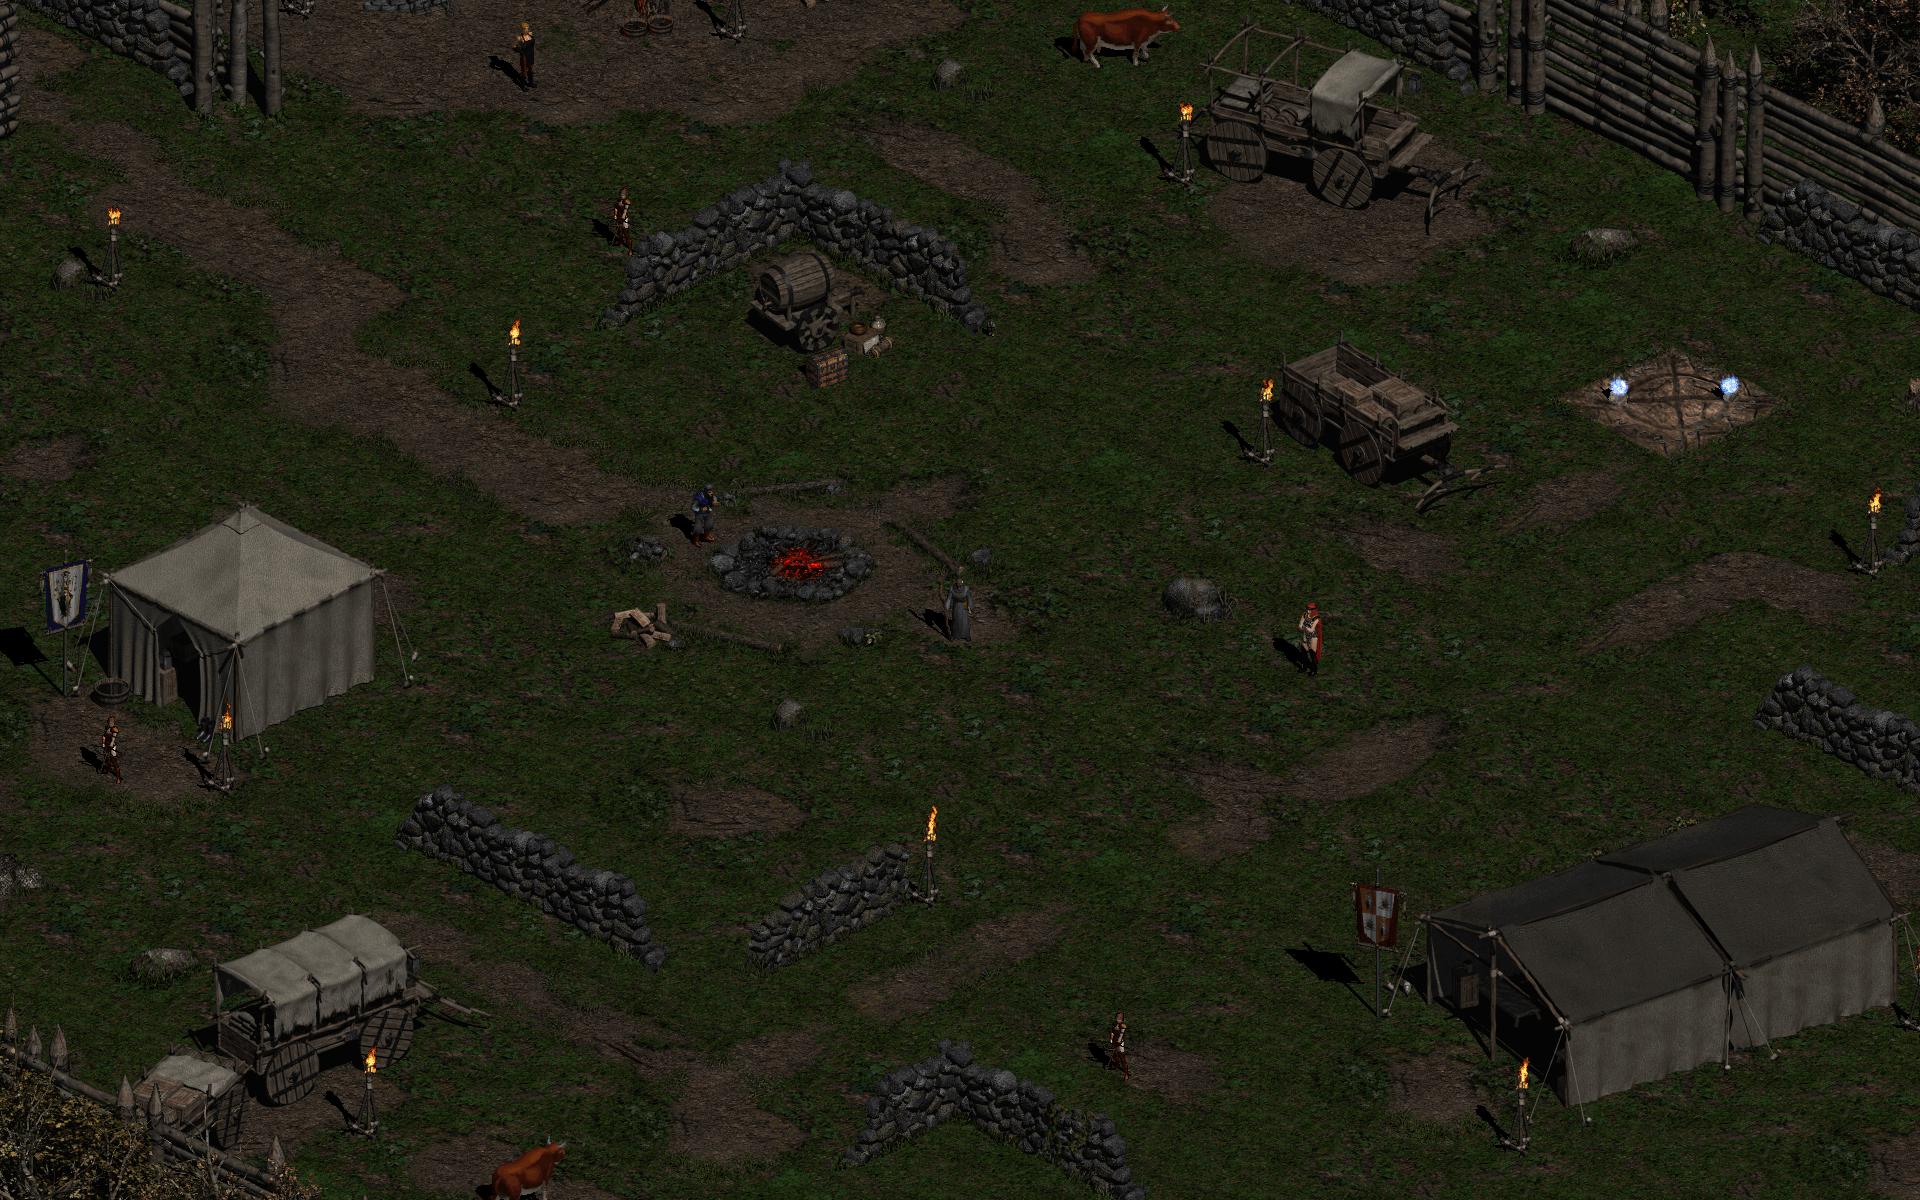 Diablo ii hd wallpaper background image 1920x1200 id - Diablo 2 lord of destruction wallpaper ...